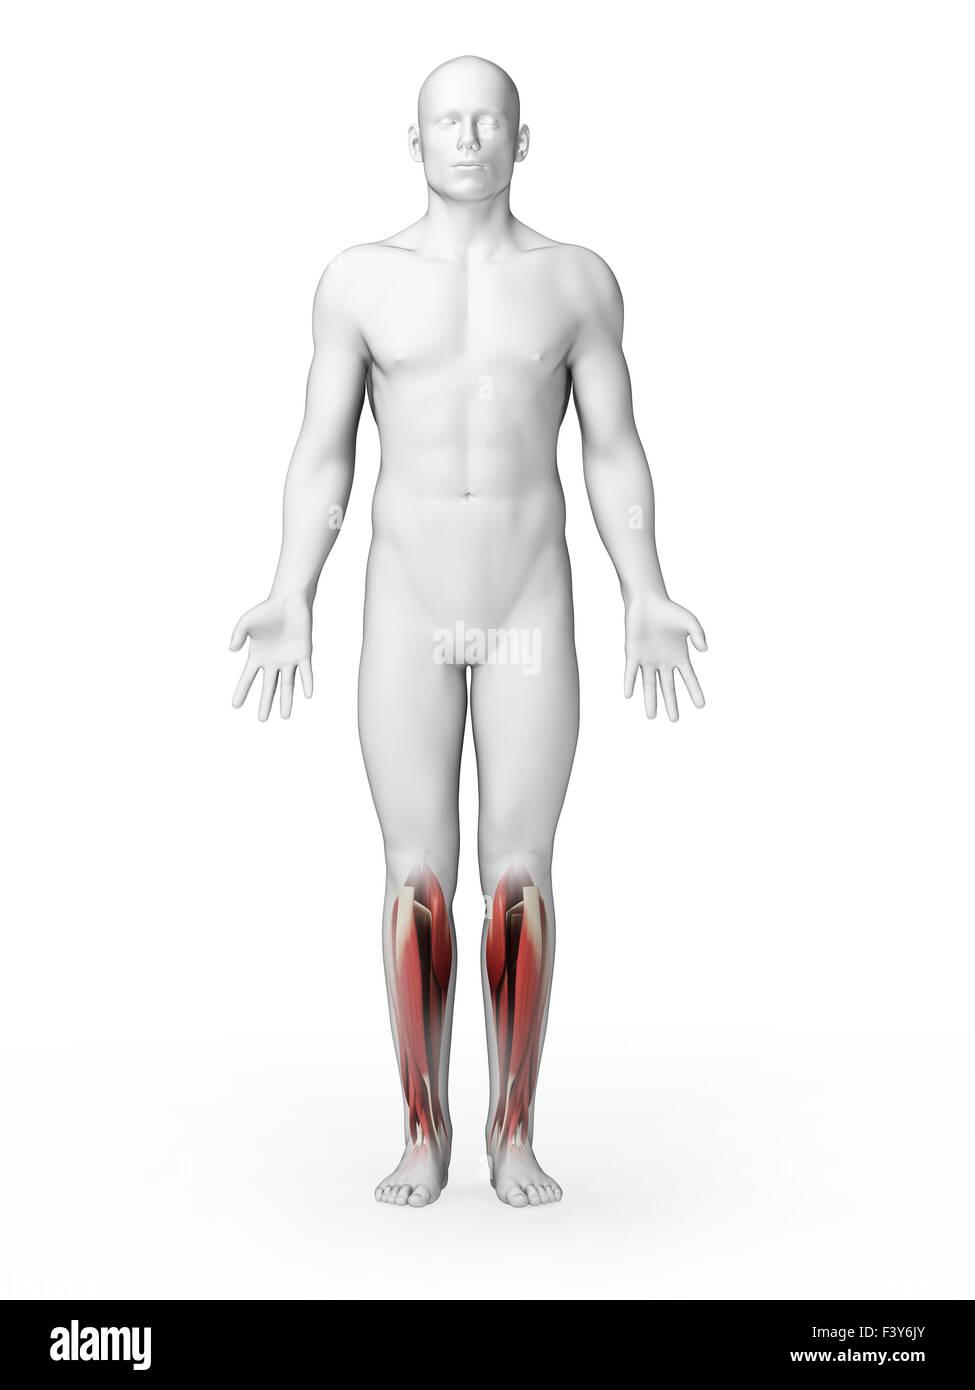 Großartig Untere Anatomie Beinmuskeln Galerie - Menschliche Anatomie ...